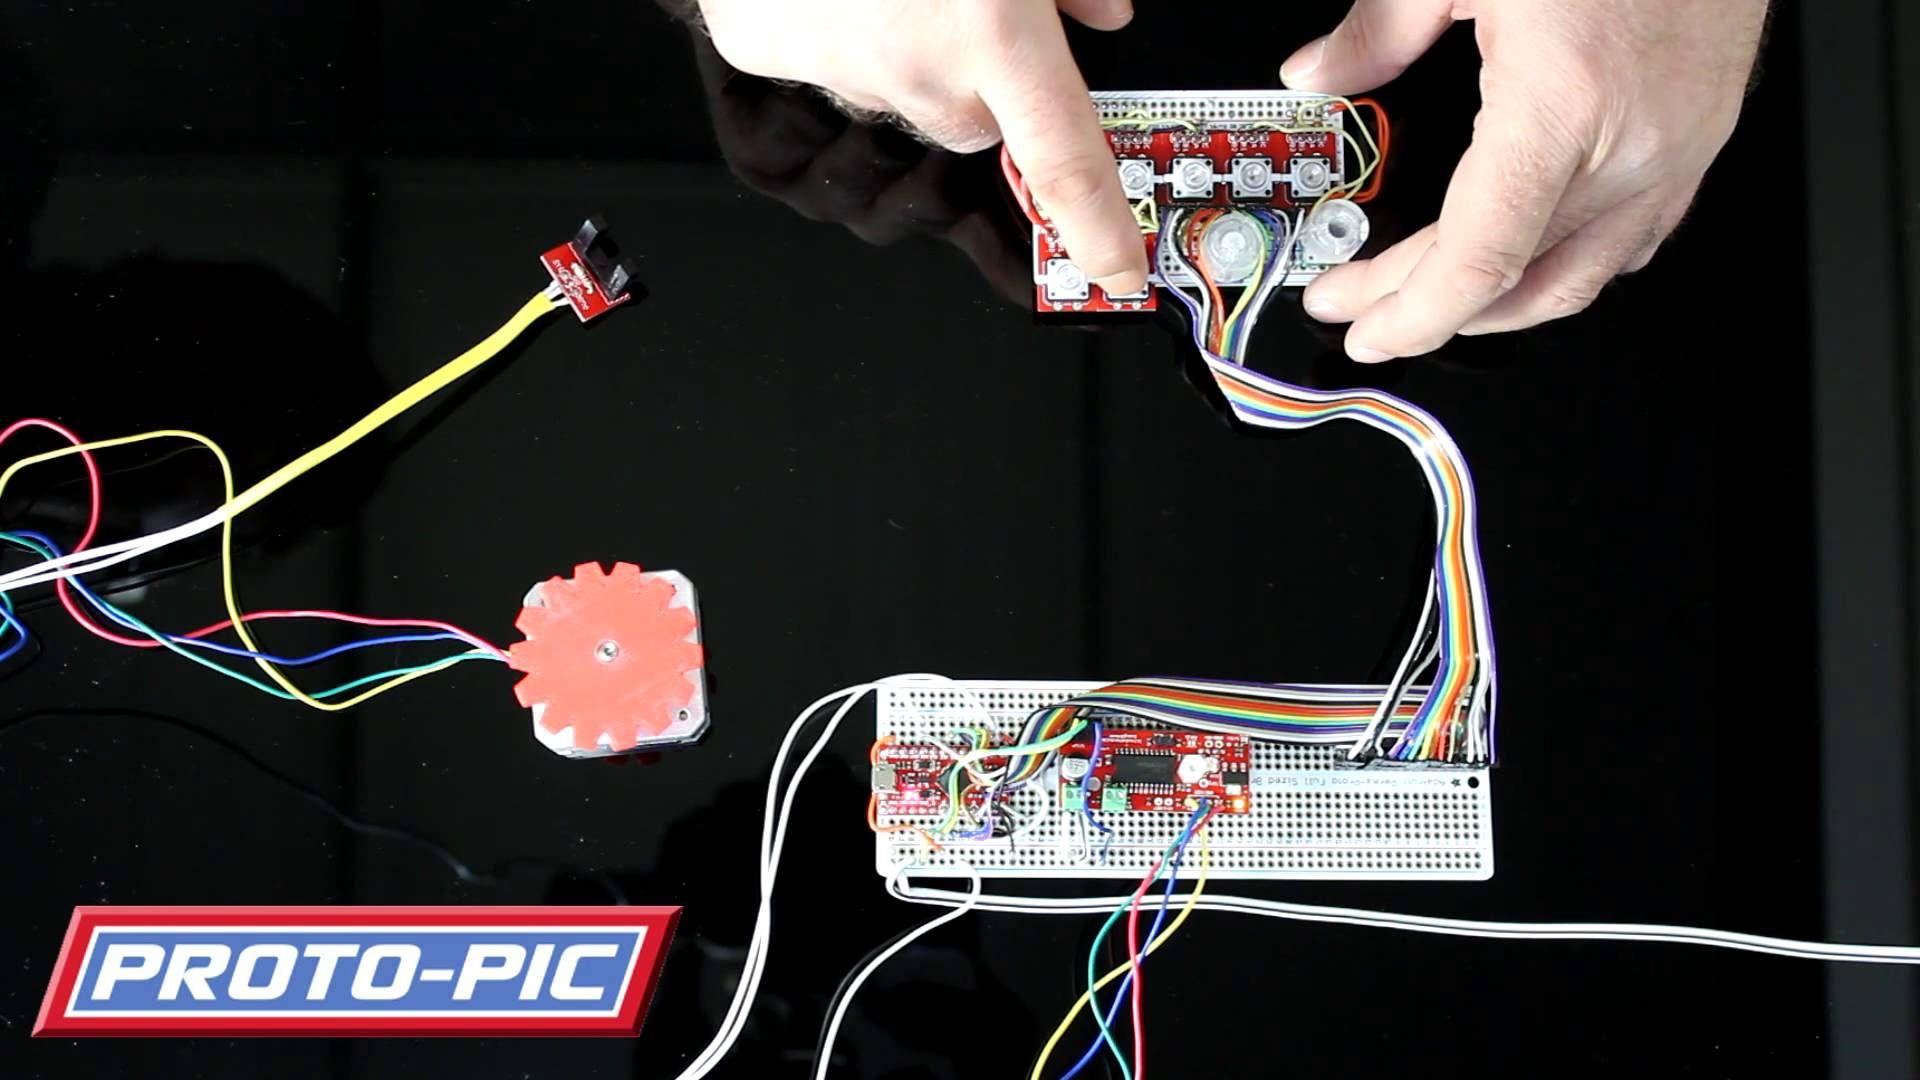 3da419e8e328eebcd8ea15351e3b2699 arduino based model railway turntable controller model railroad  at edmiracle.co